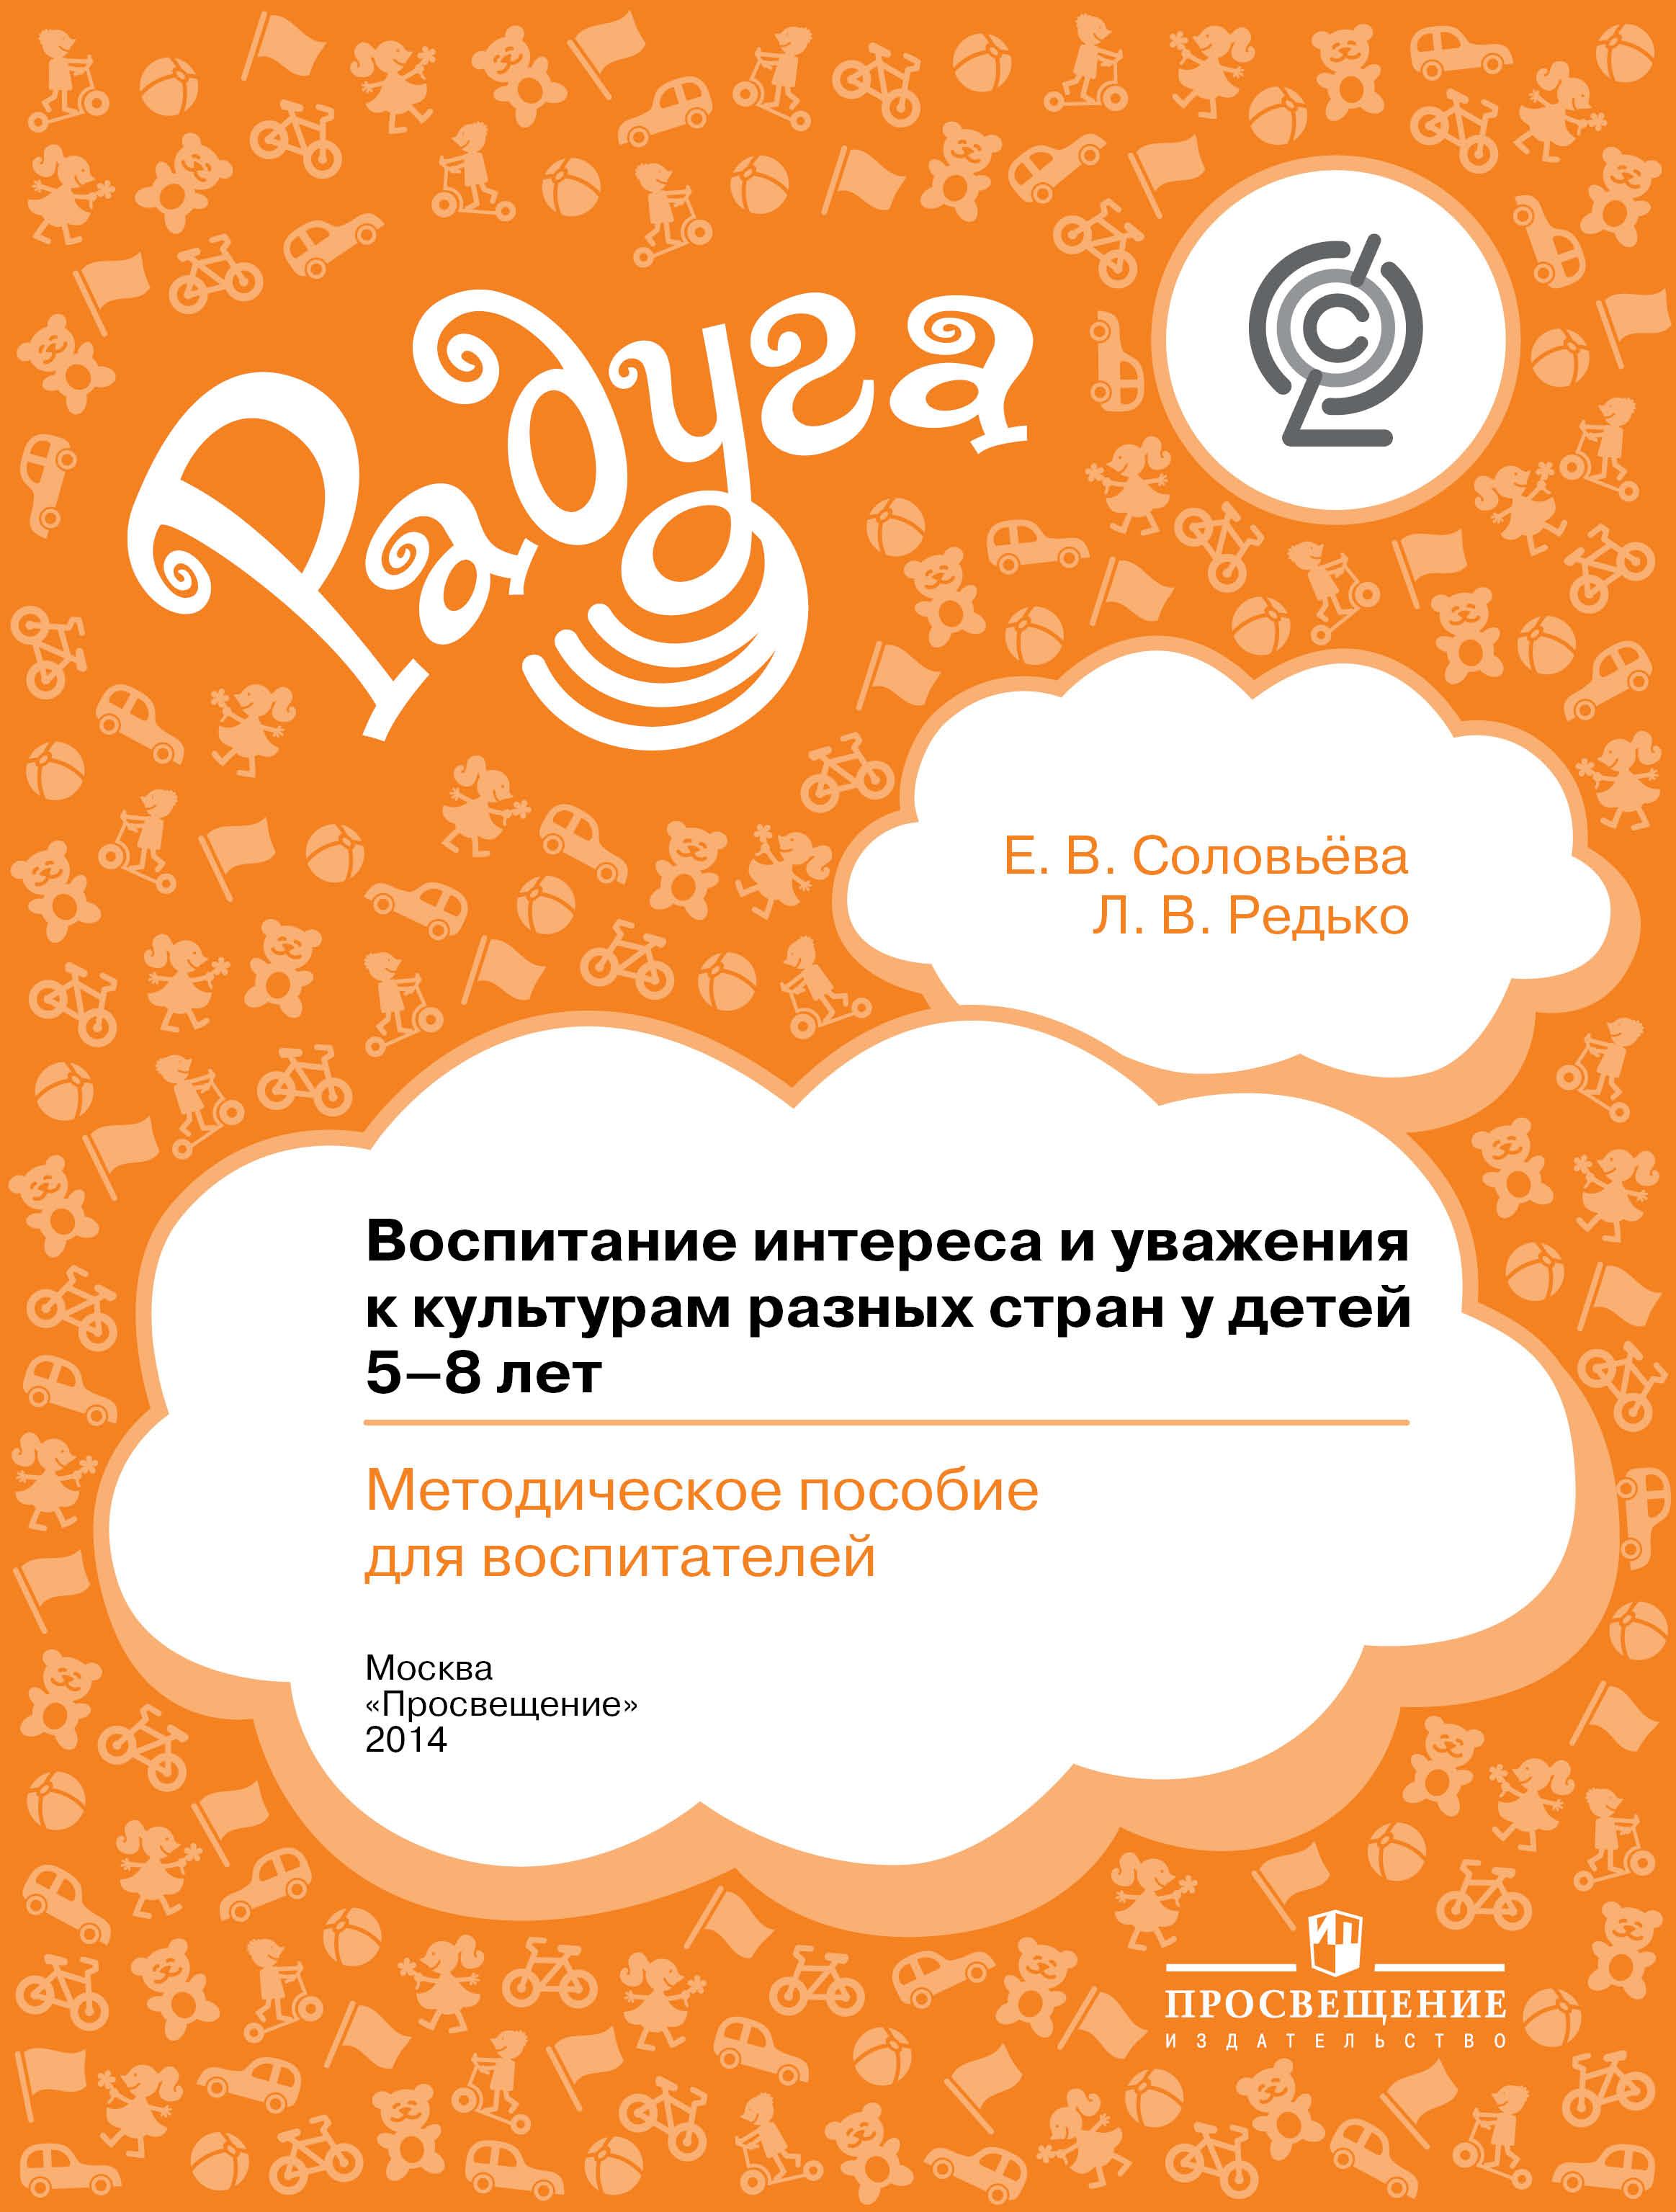 Воспитание интереса и уважения к культурам разных стран у детей 5-8 лет в детском саду